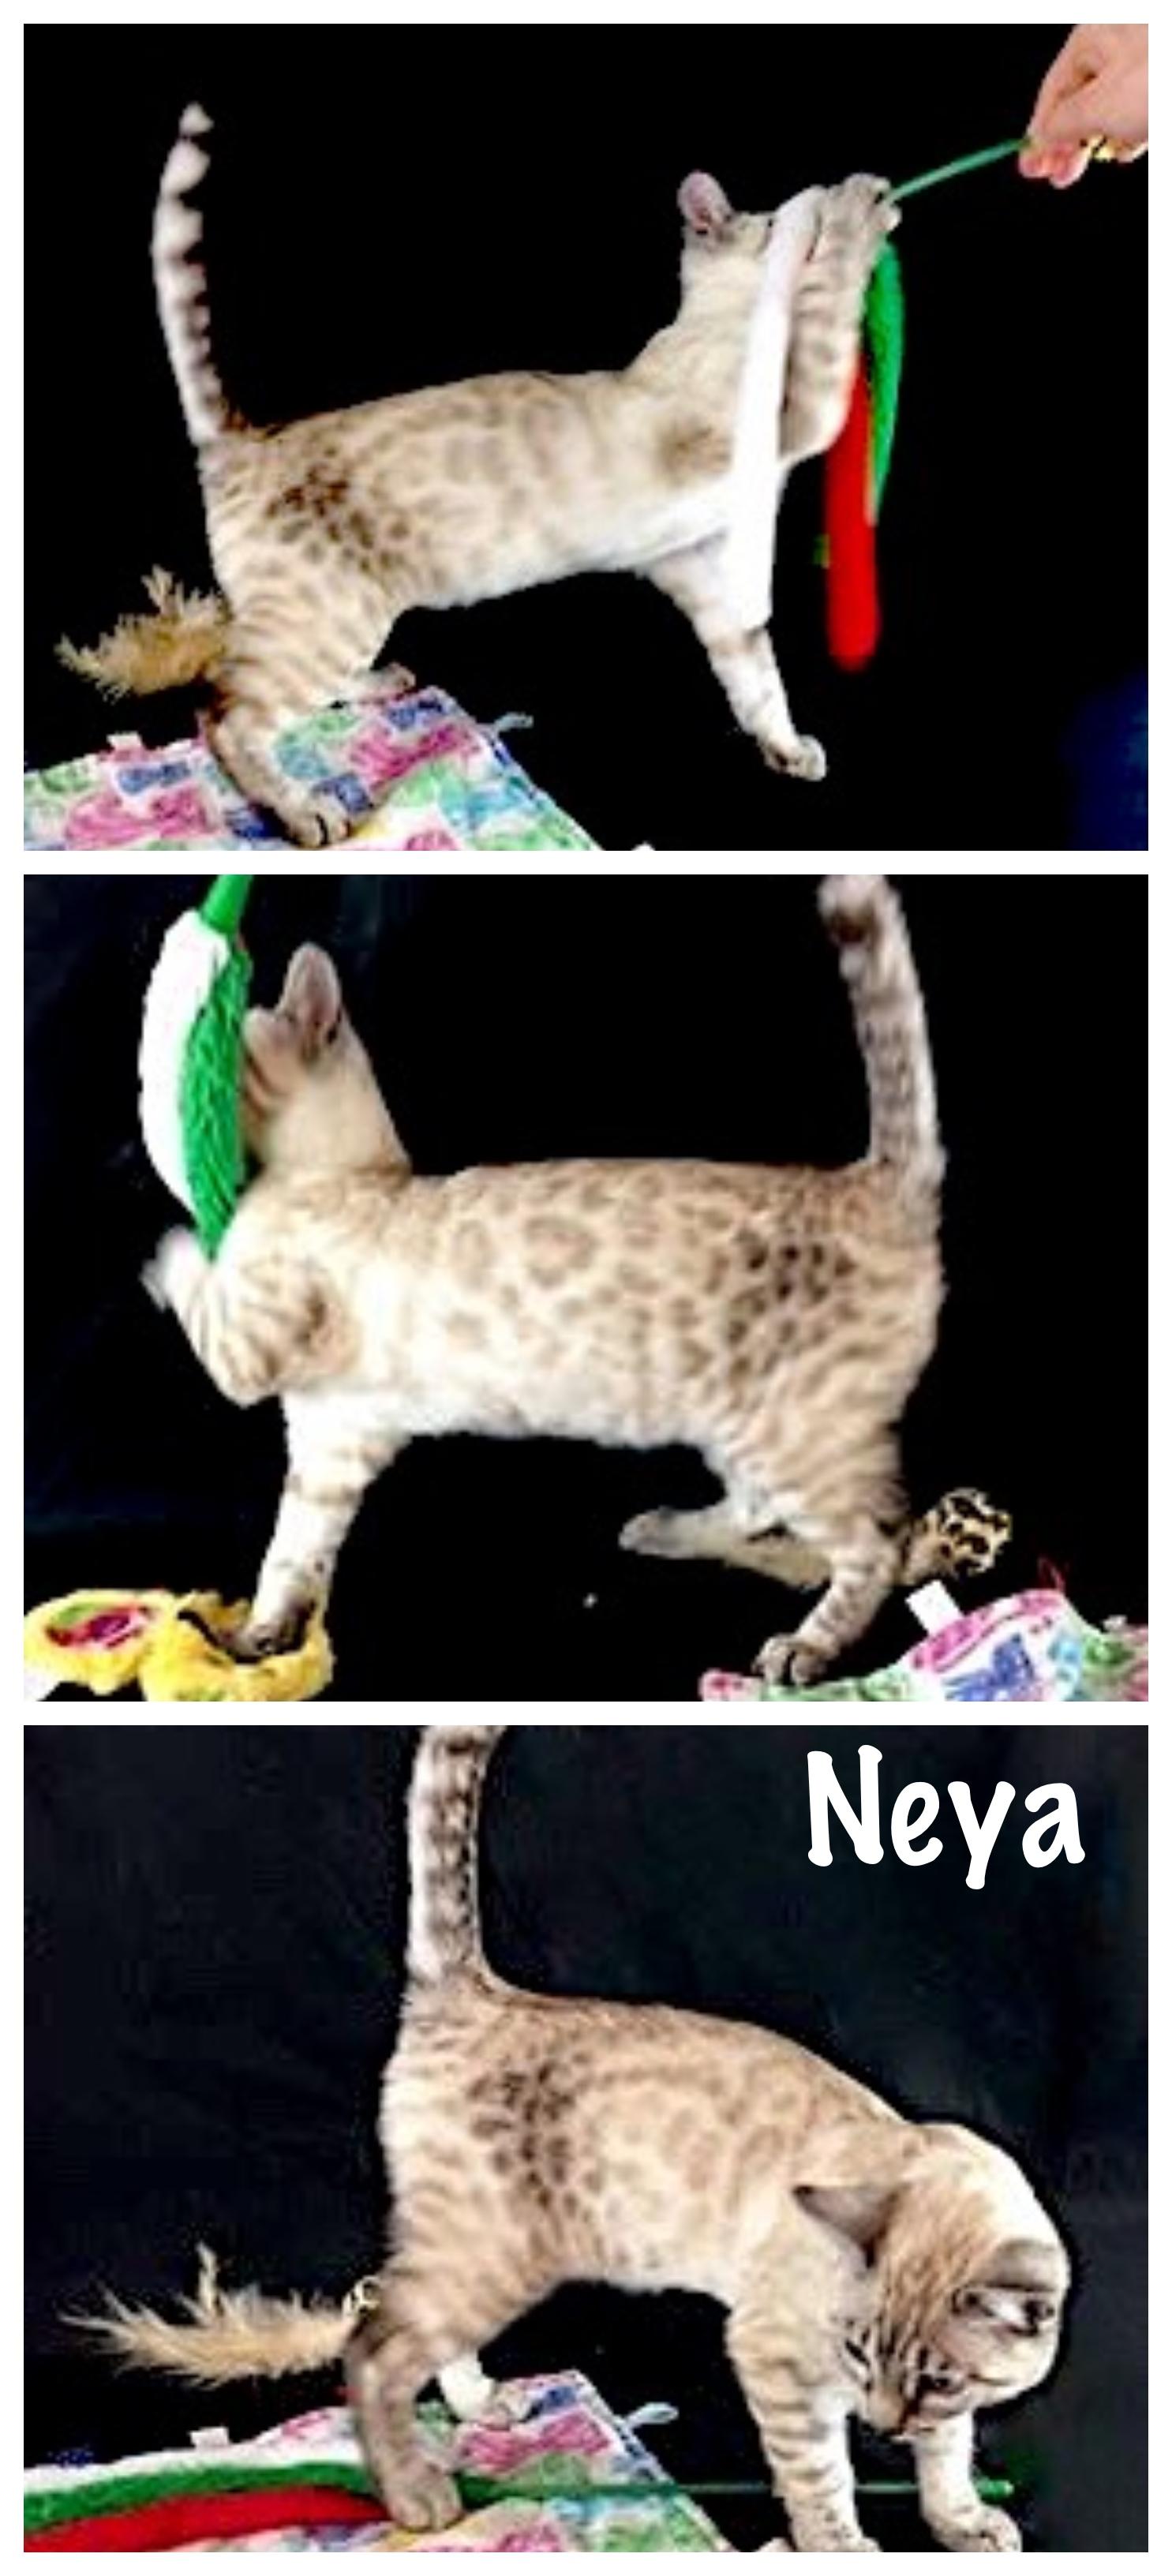 Neya 14 weeks